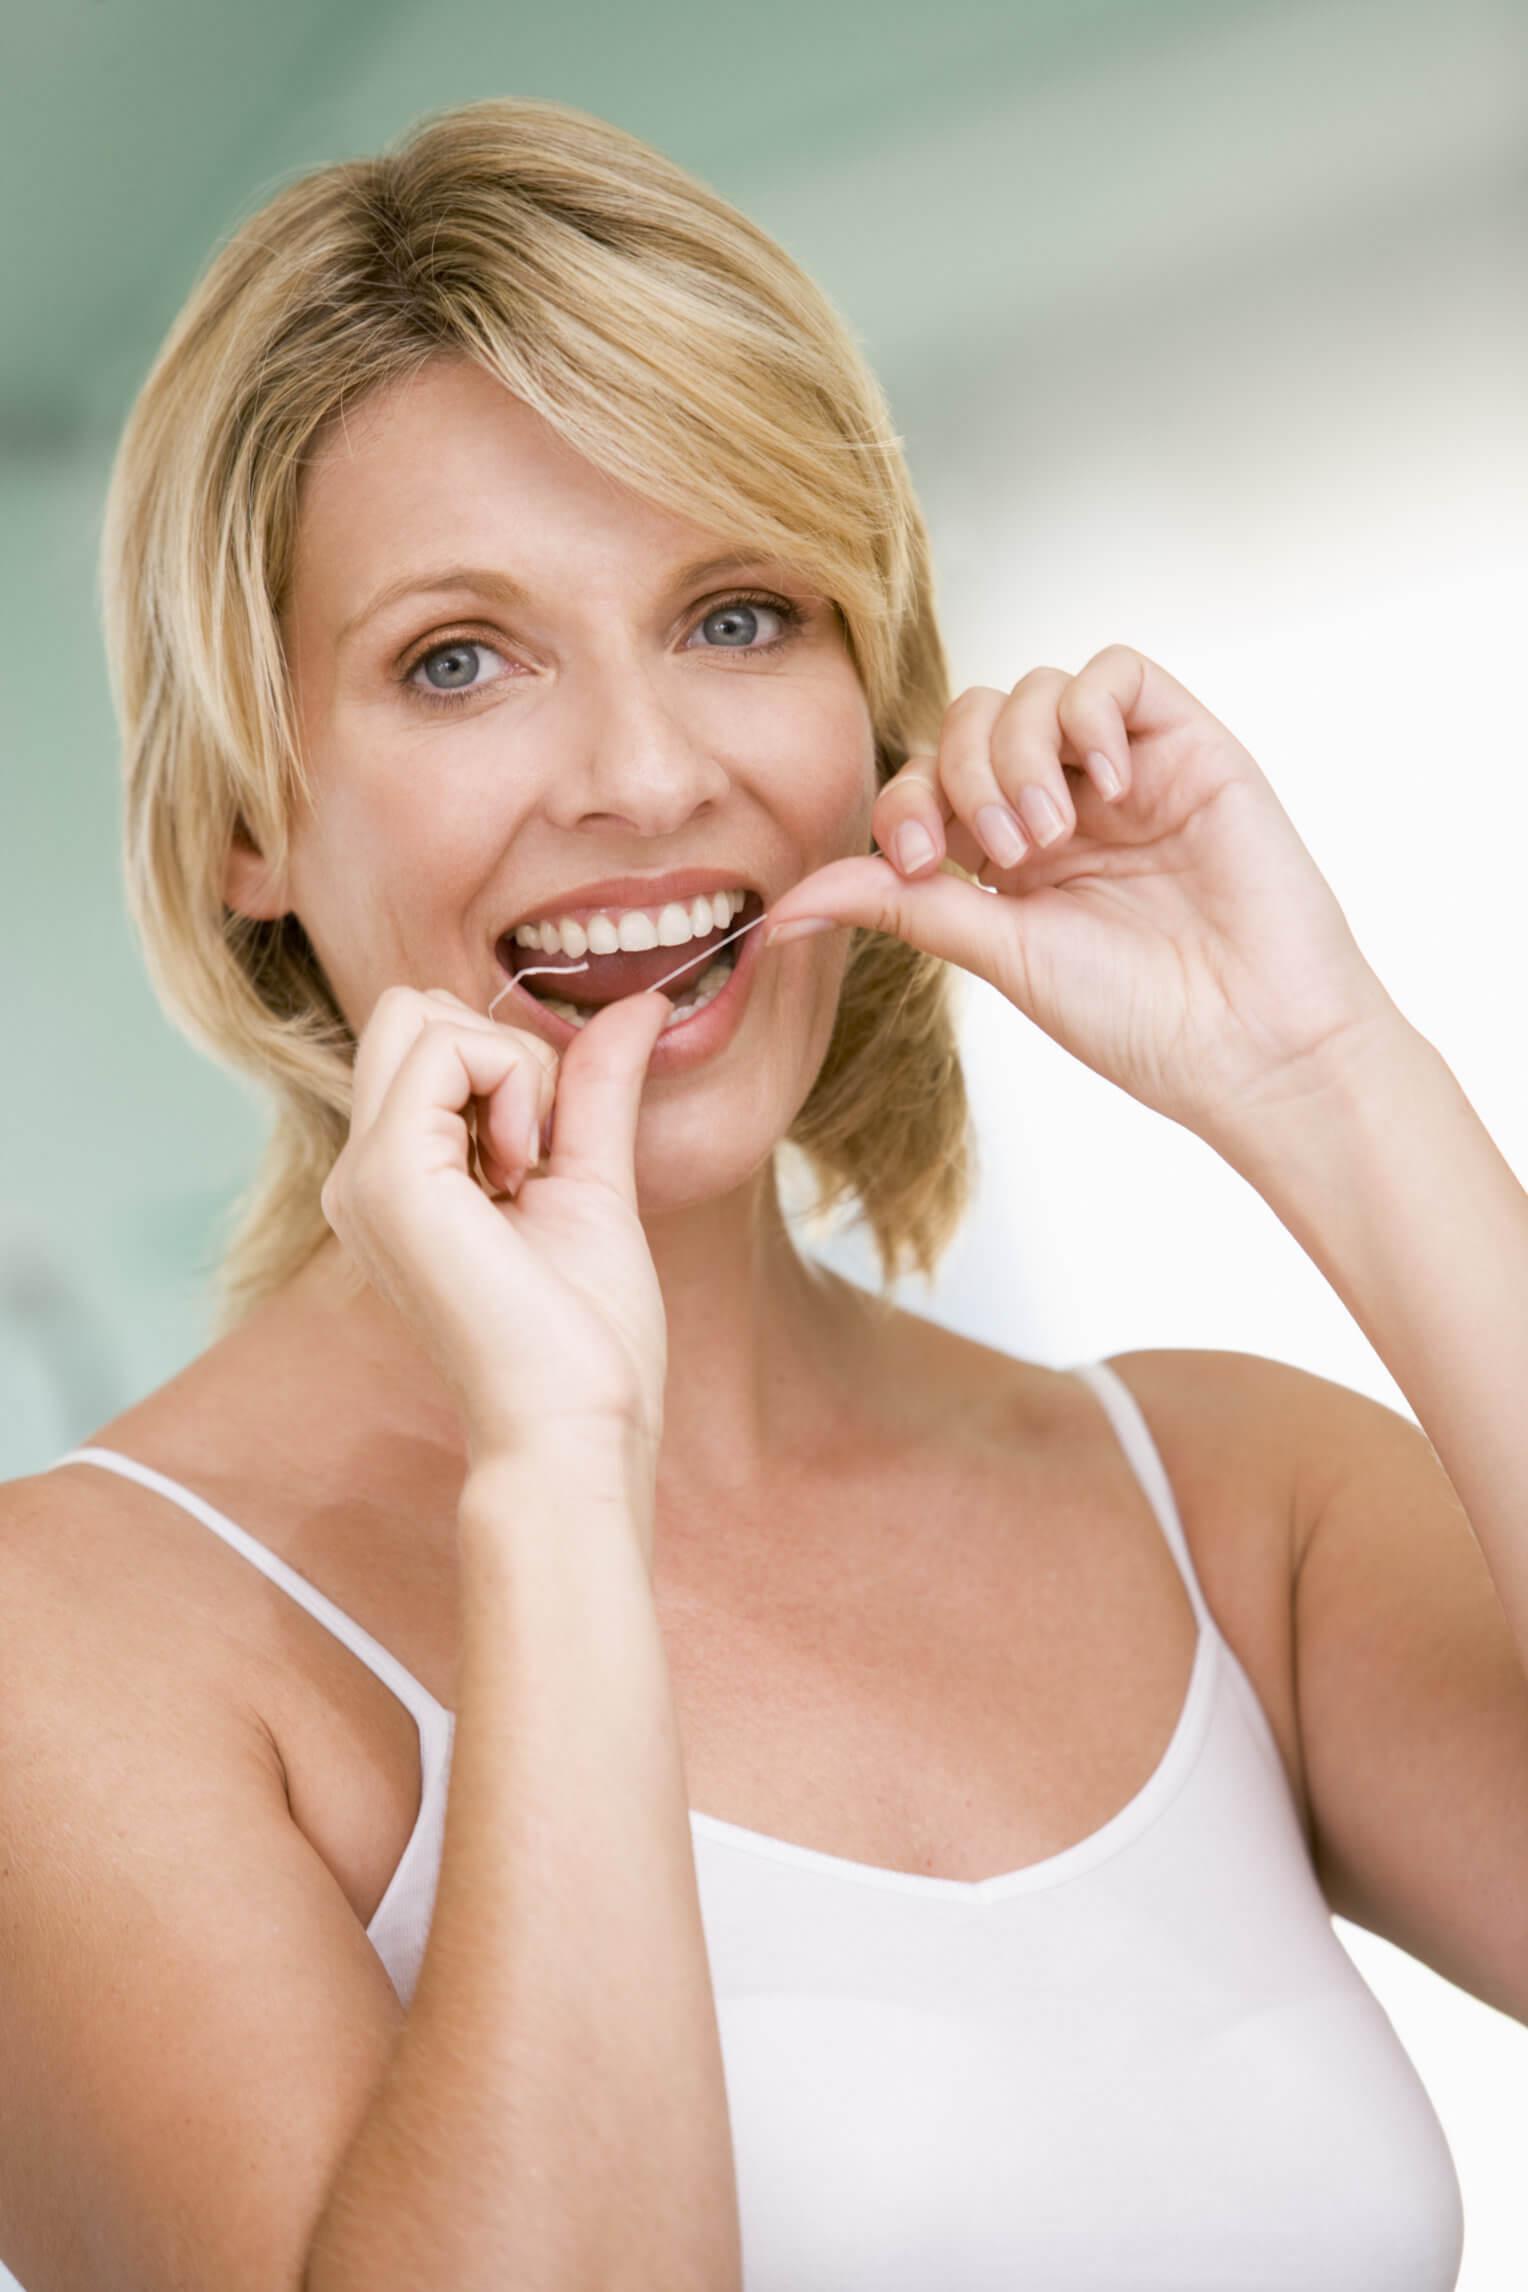 Brickell Dental Associates dental floss